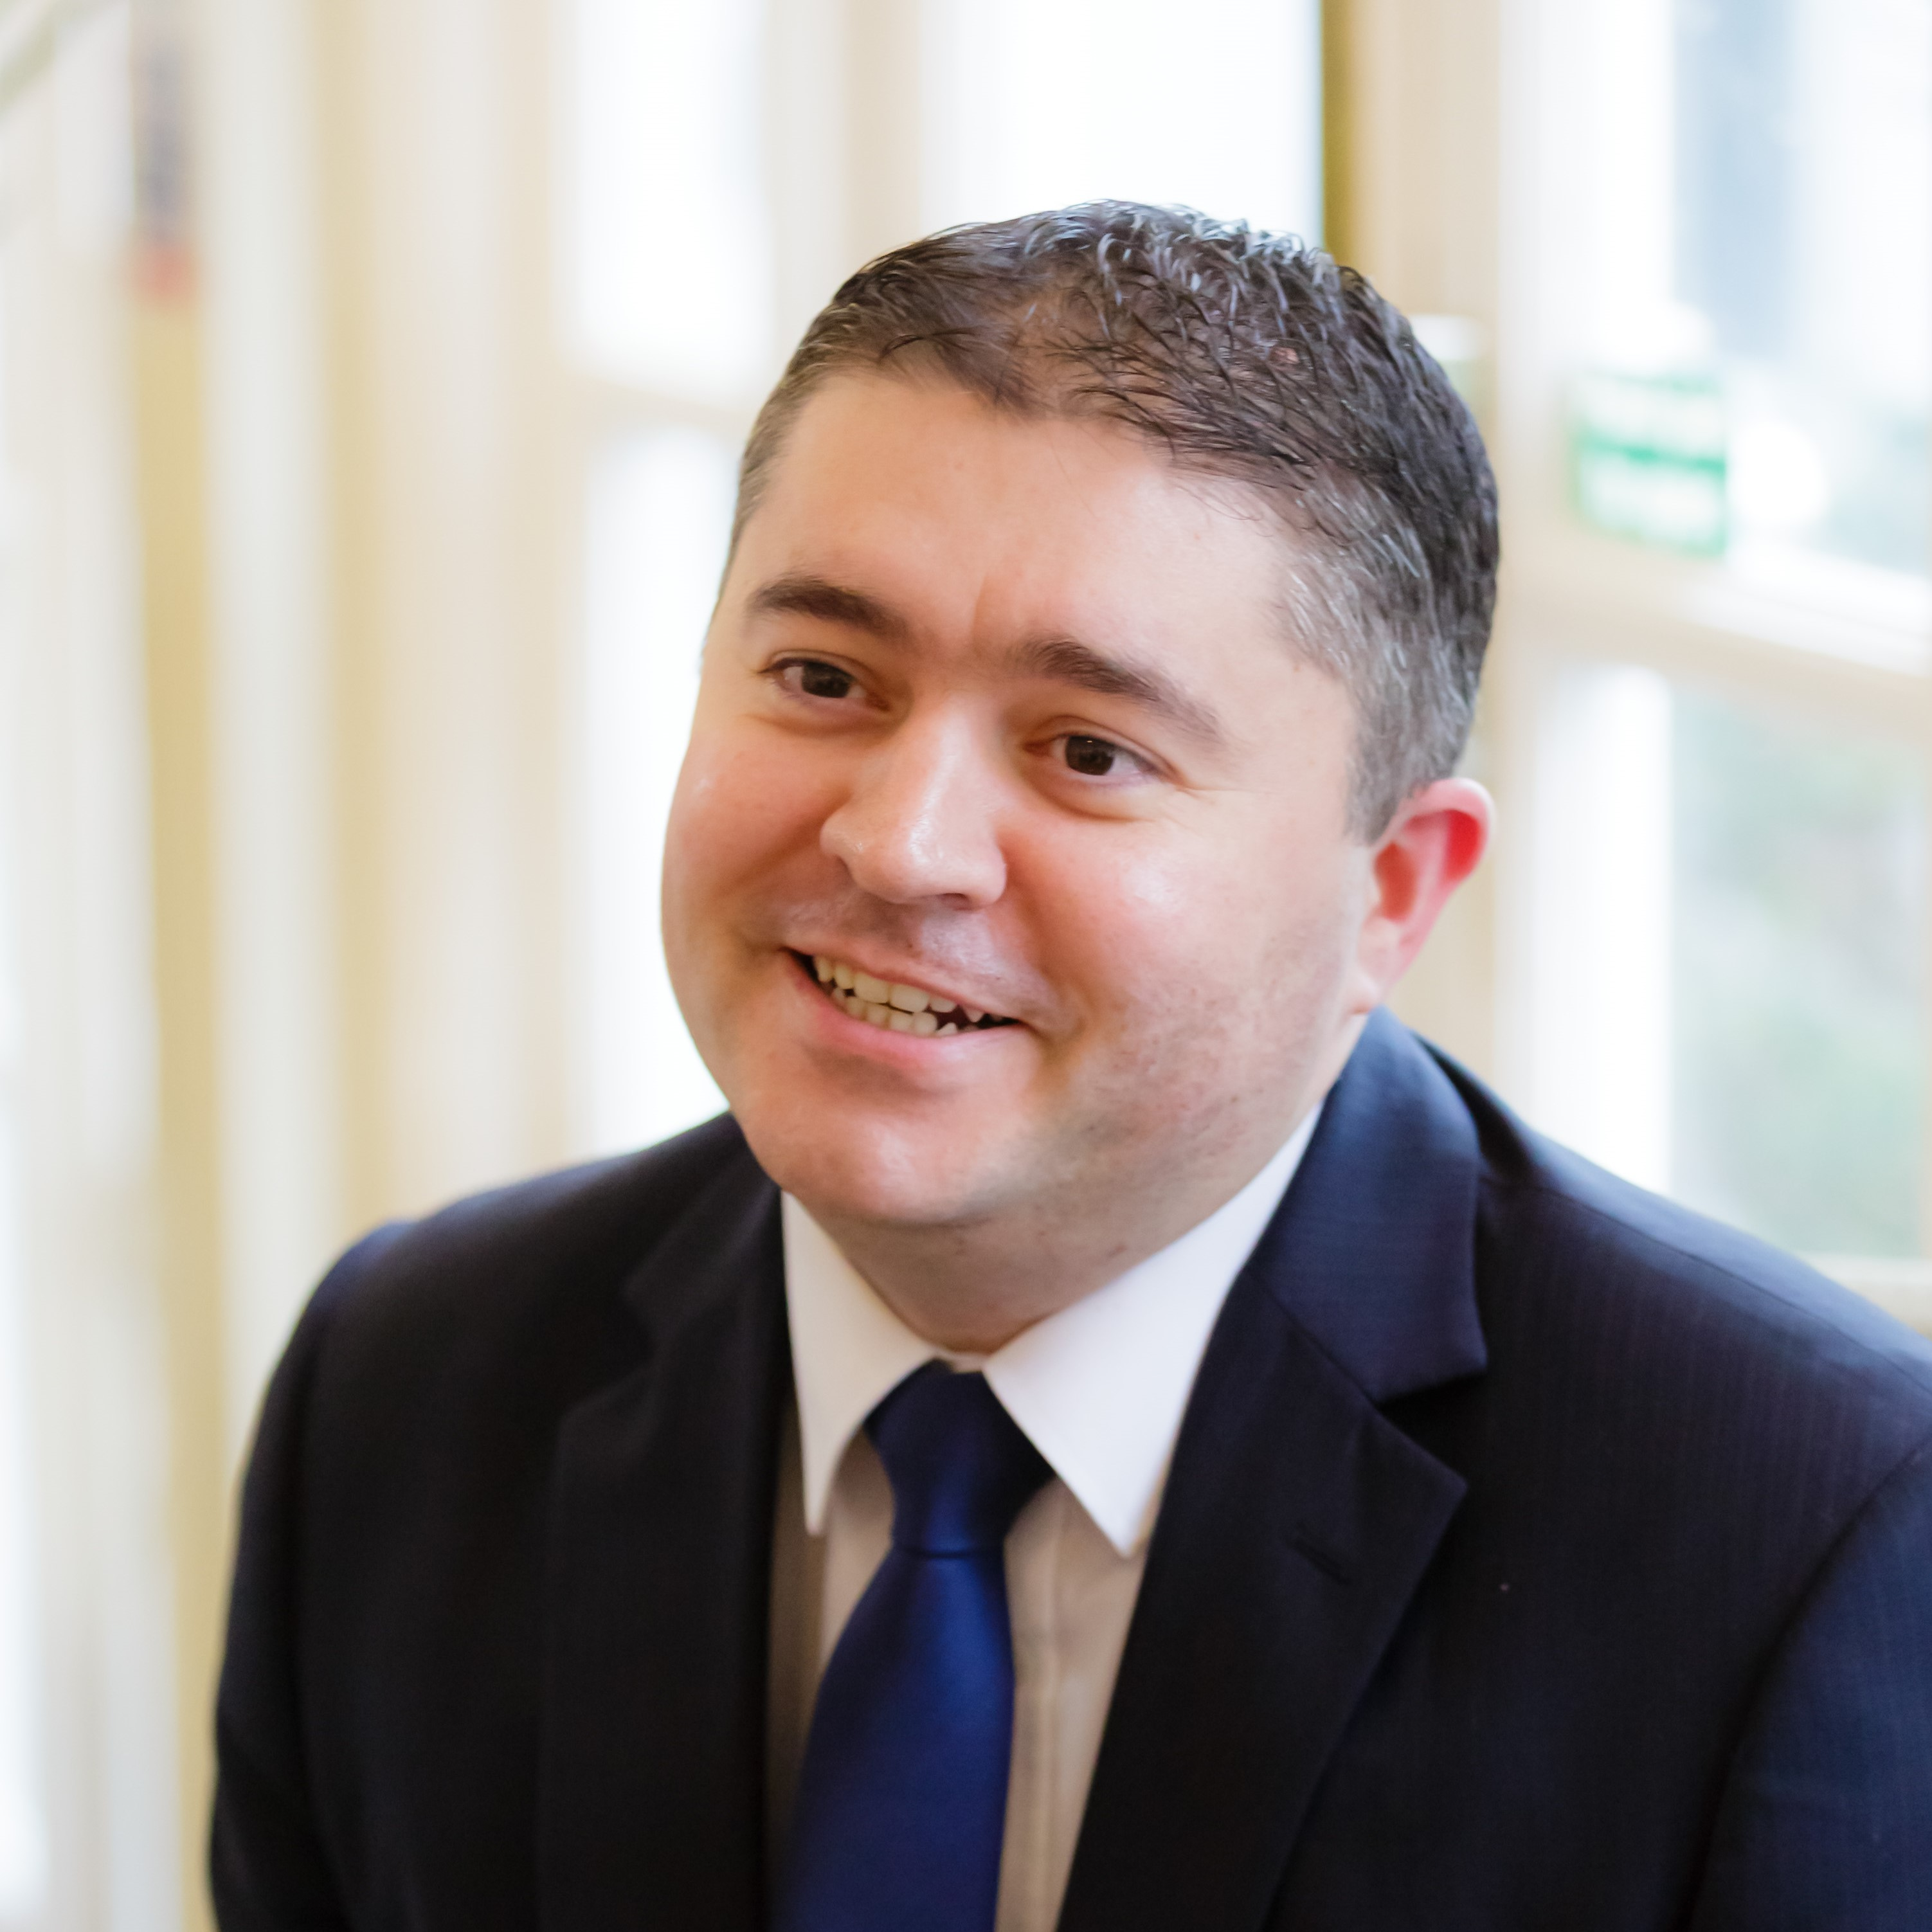 Liam Murray